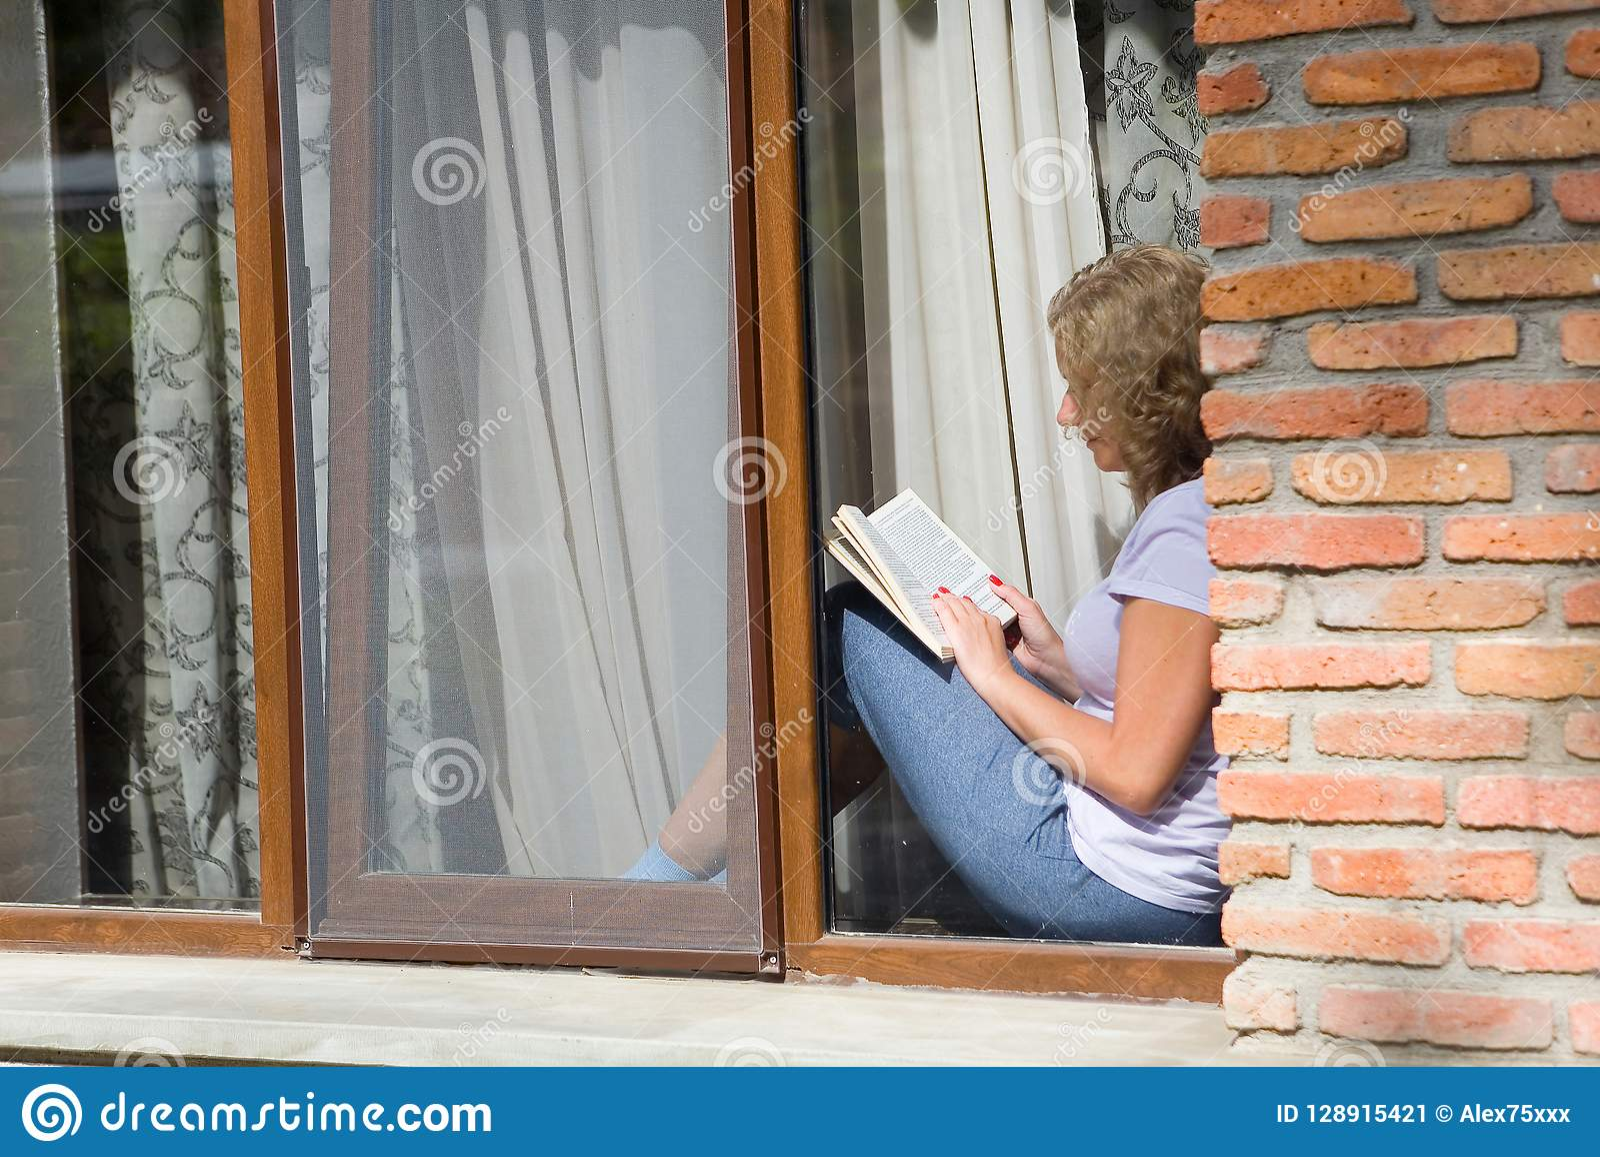 年轻俏丽的妇女坐窗台并且读书